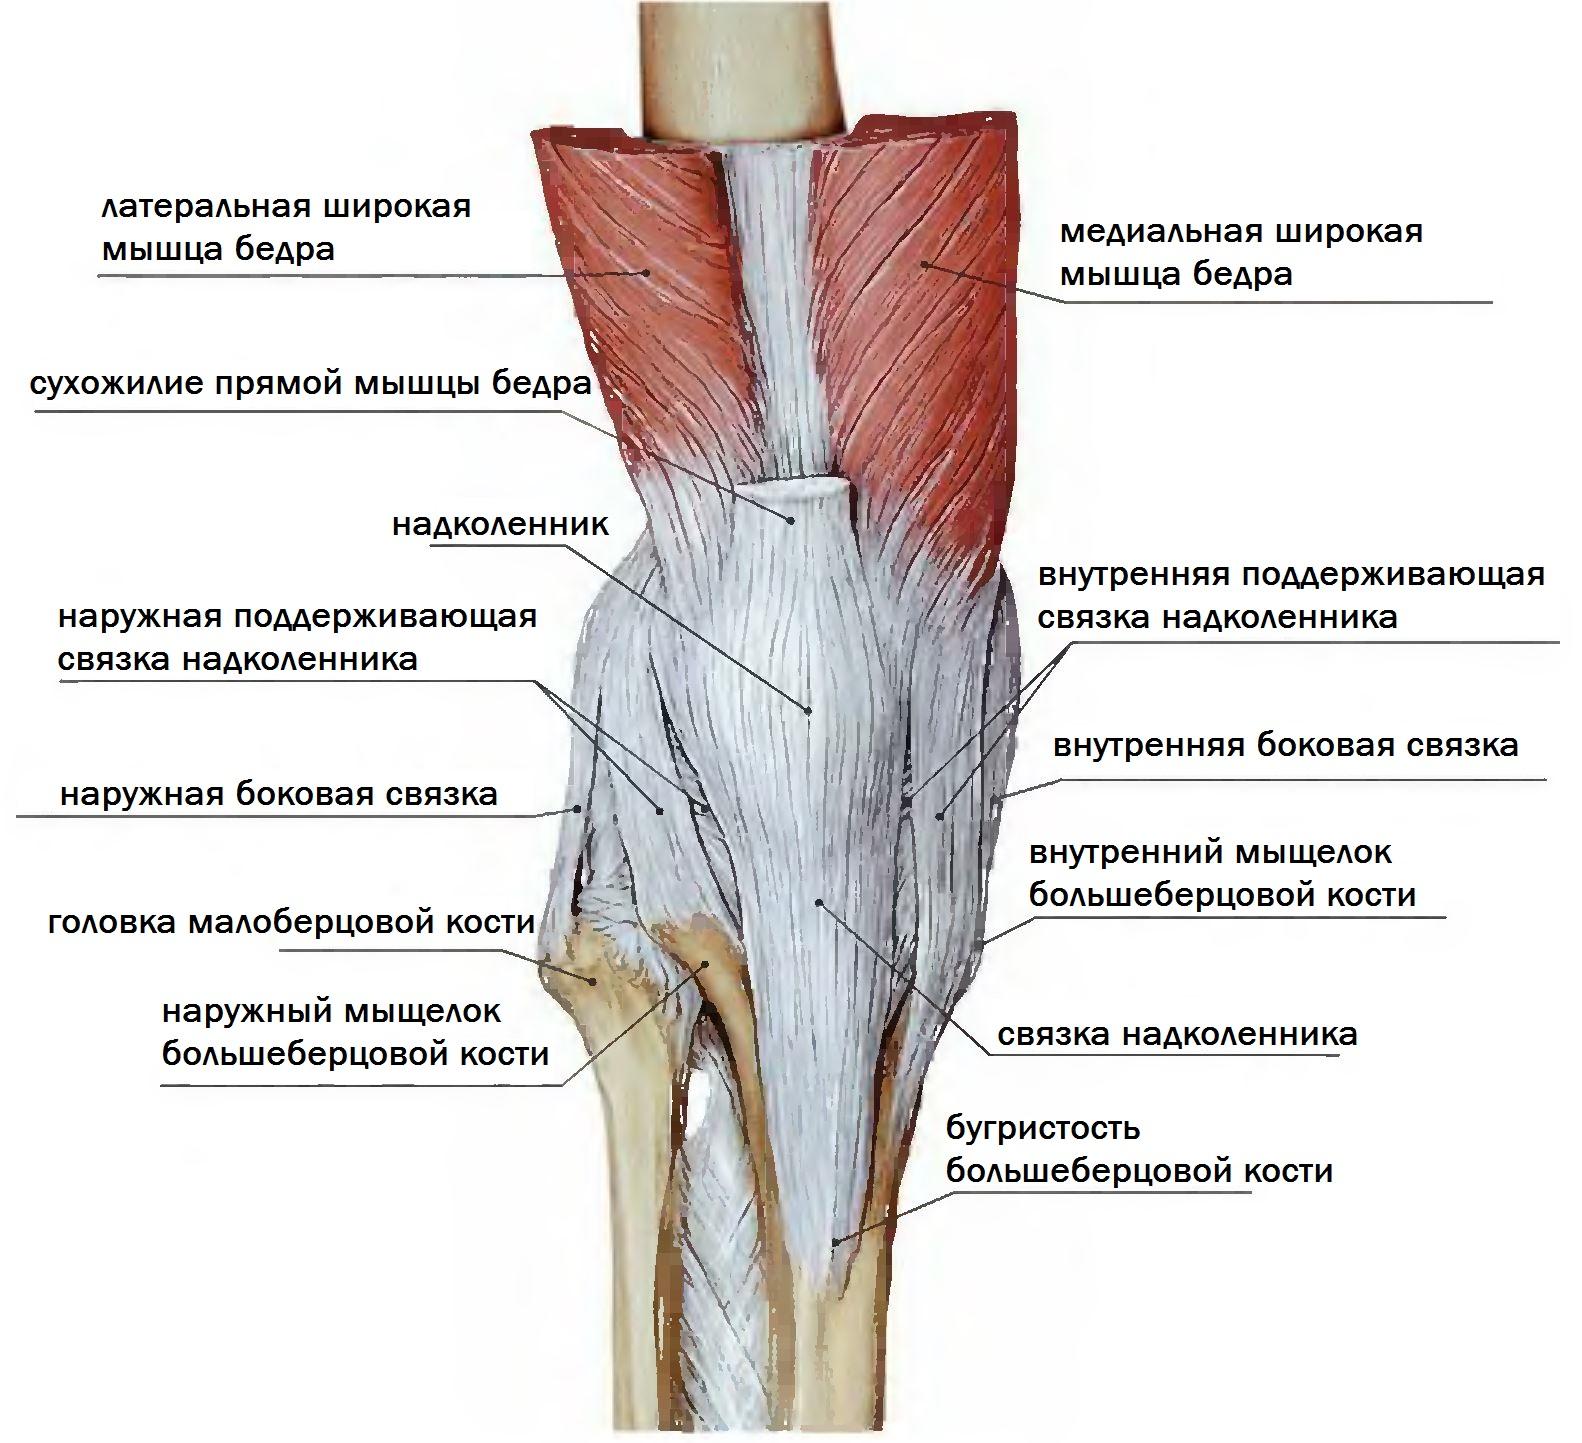 Анатомия связок надколенника